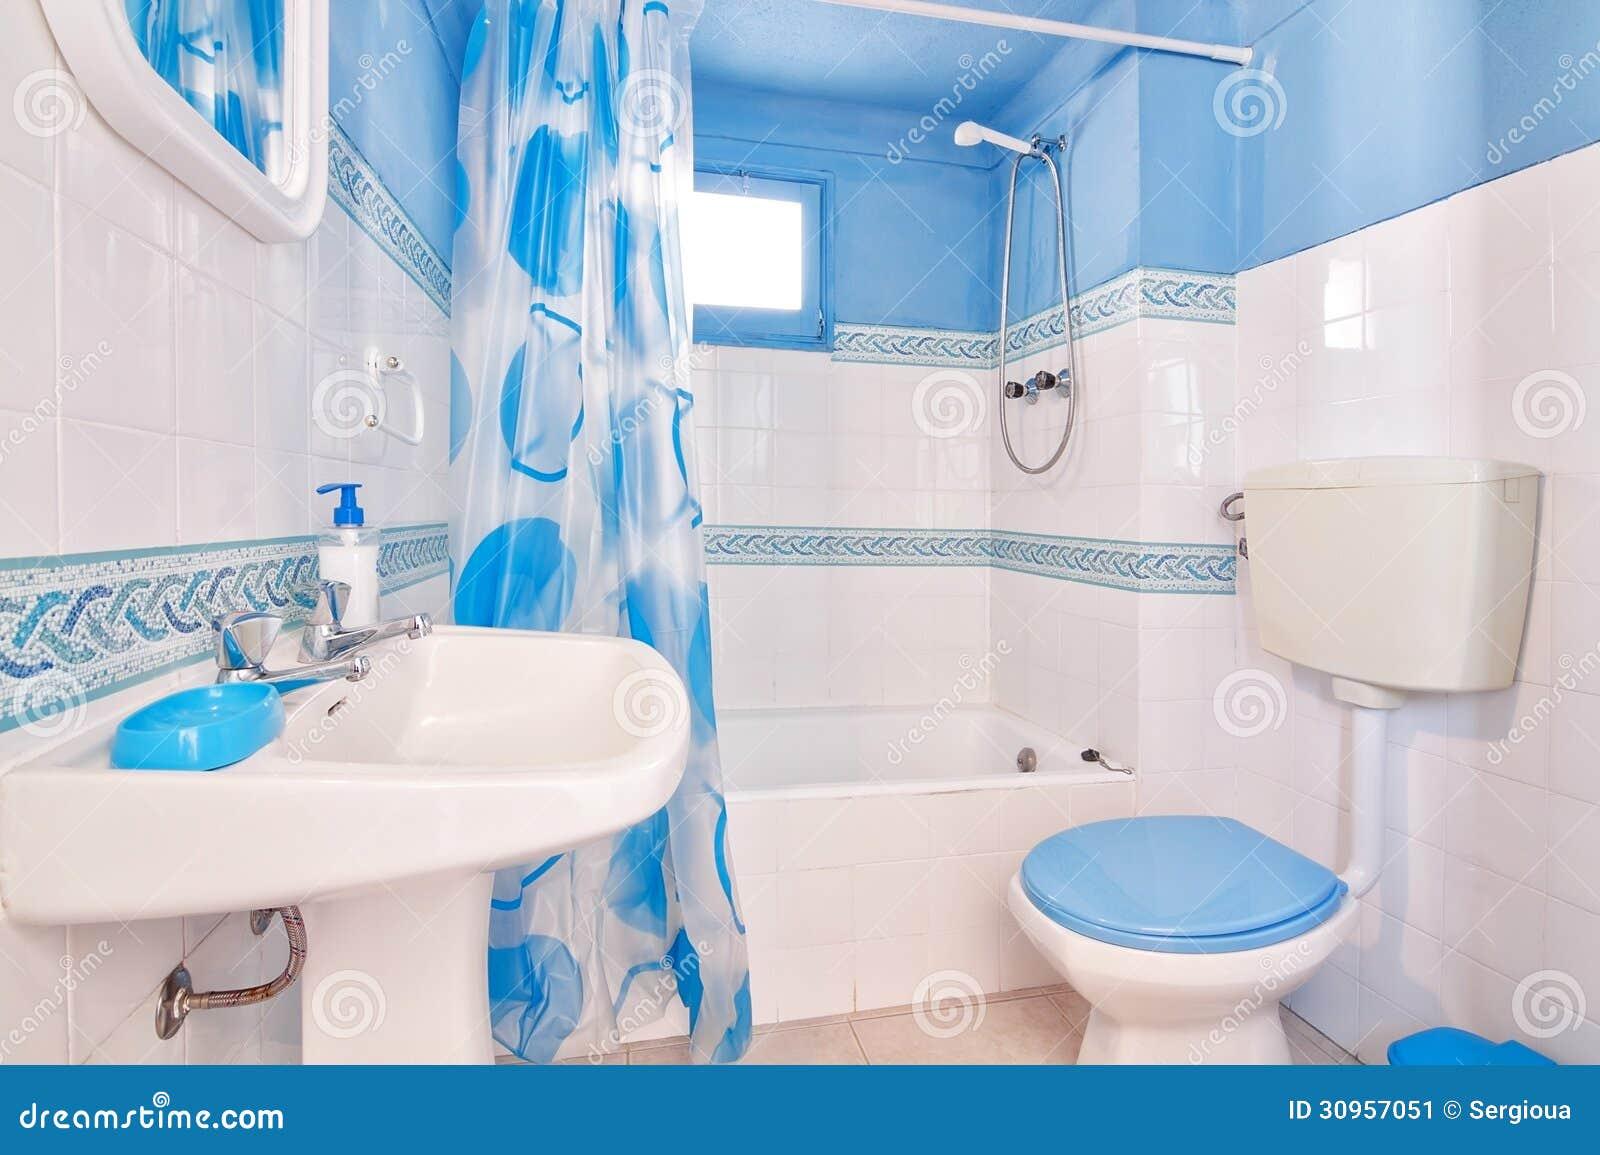 Klassisches Blaues Badezimmer. Stockbild - Bild von gesundheit ...